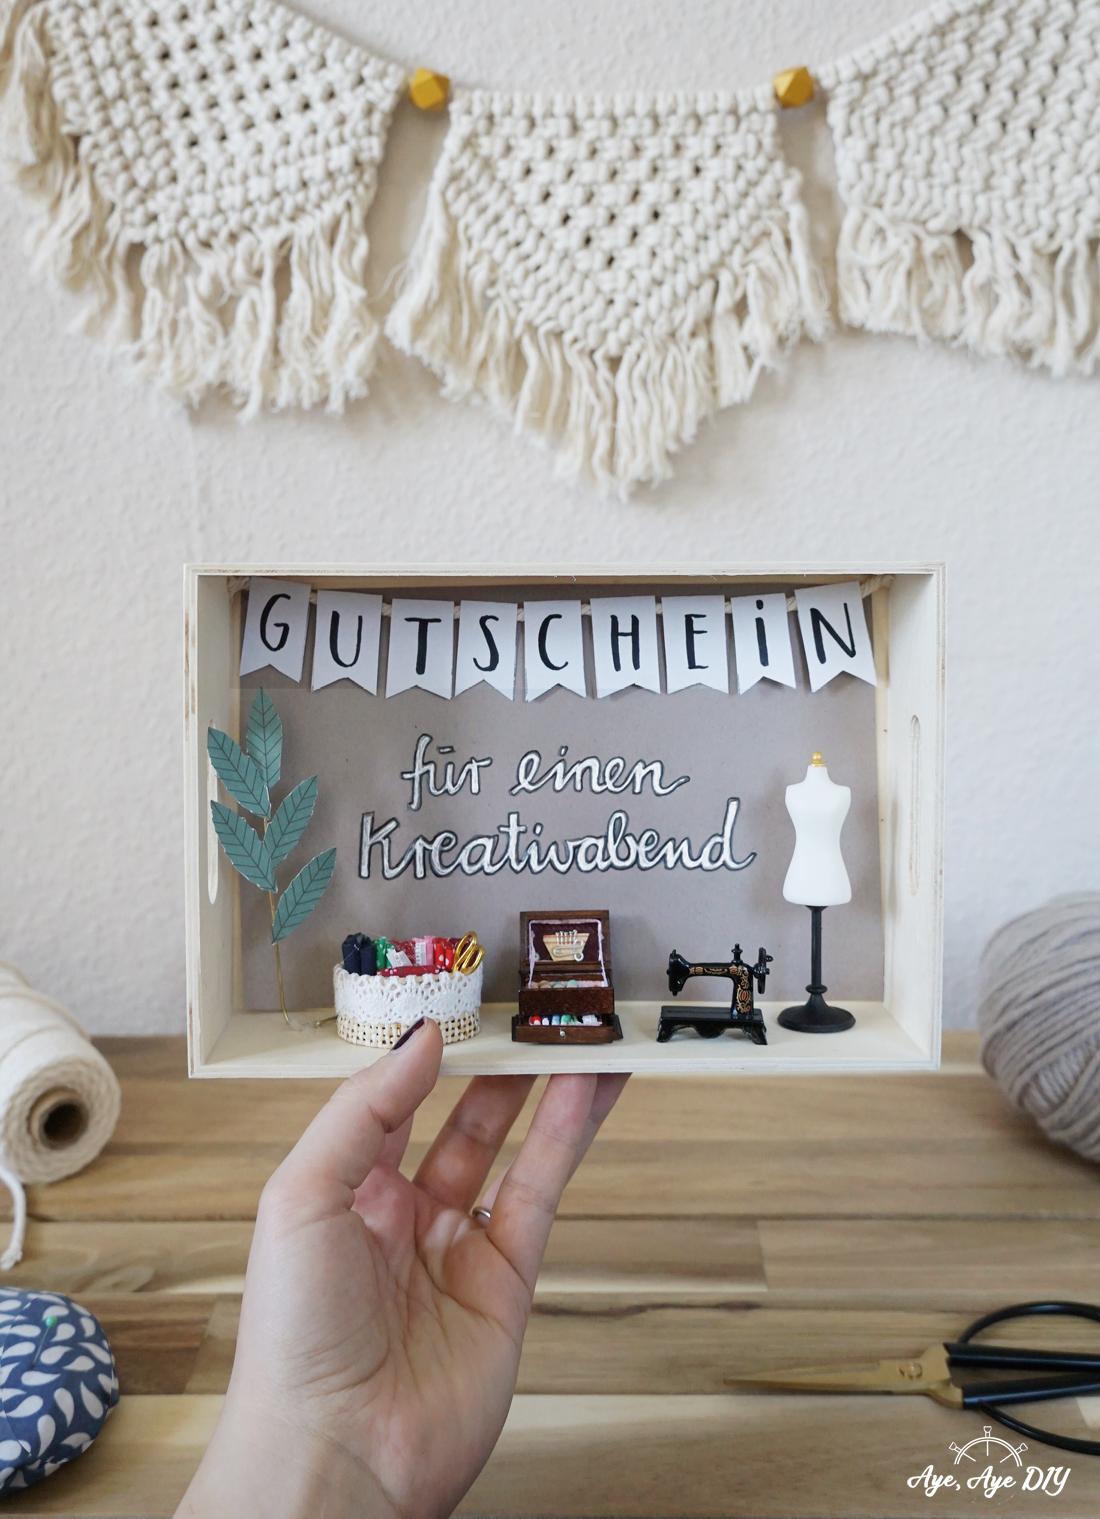 DIY Geschenk beste Freundin: Gutschein verpacken mit Miniaturfiguren